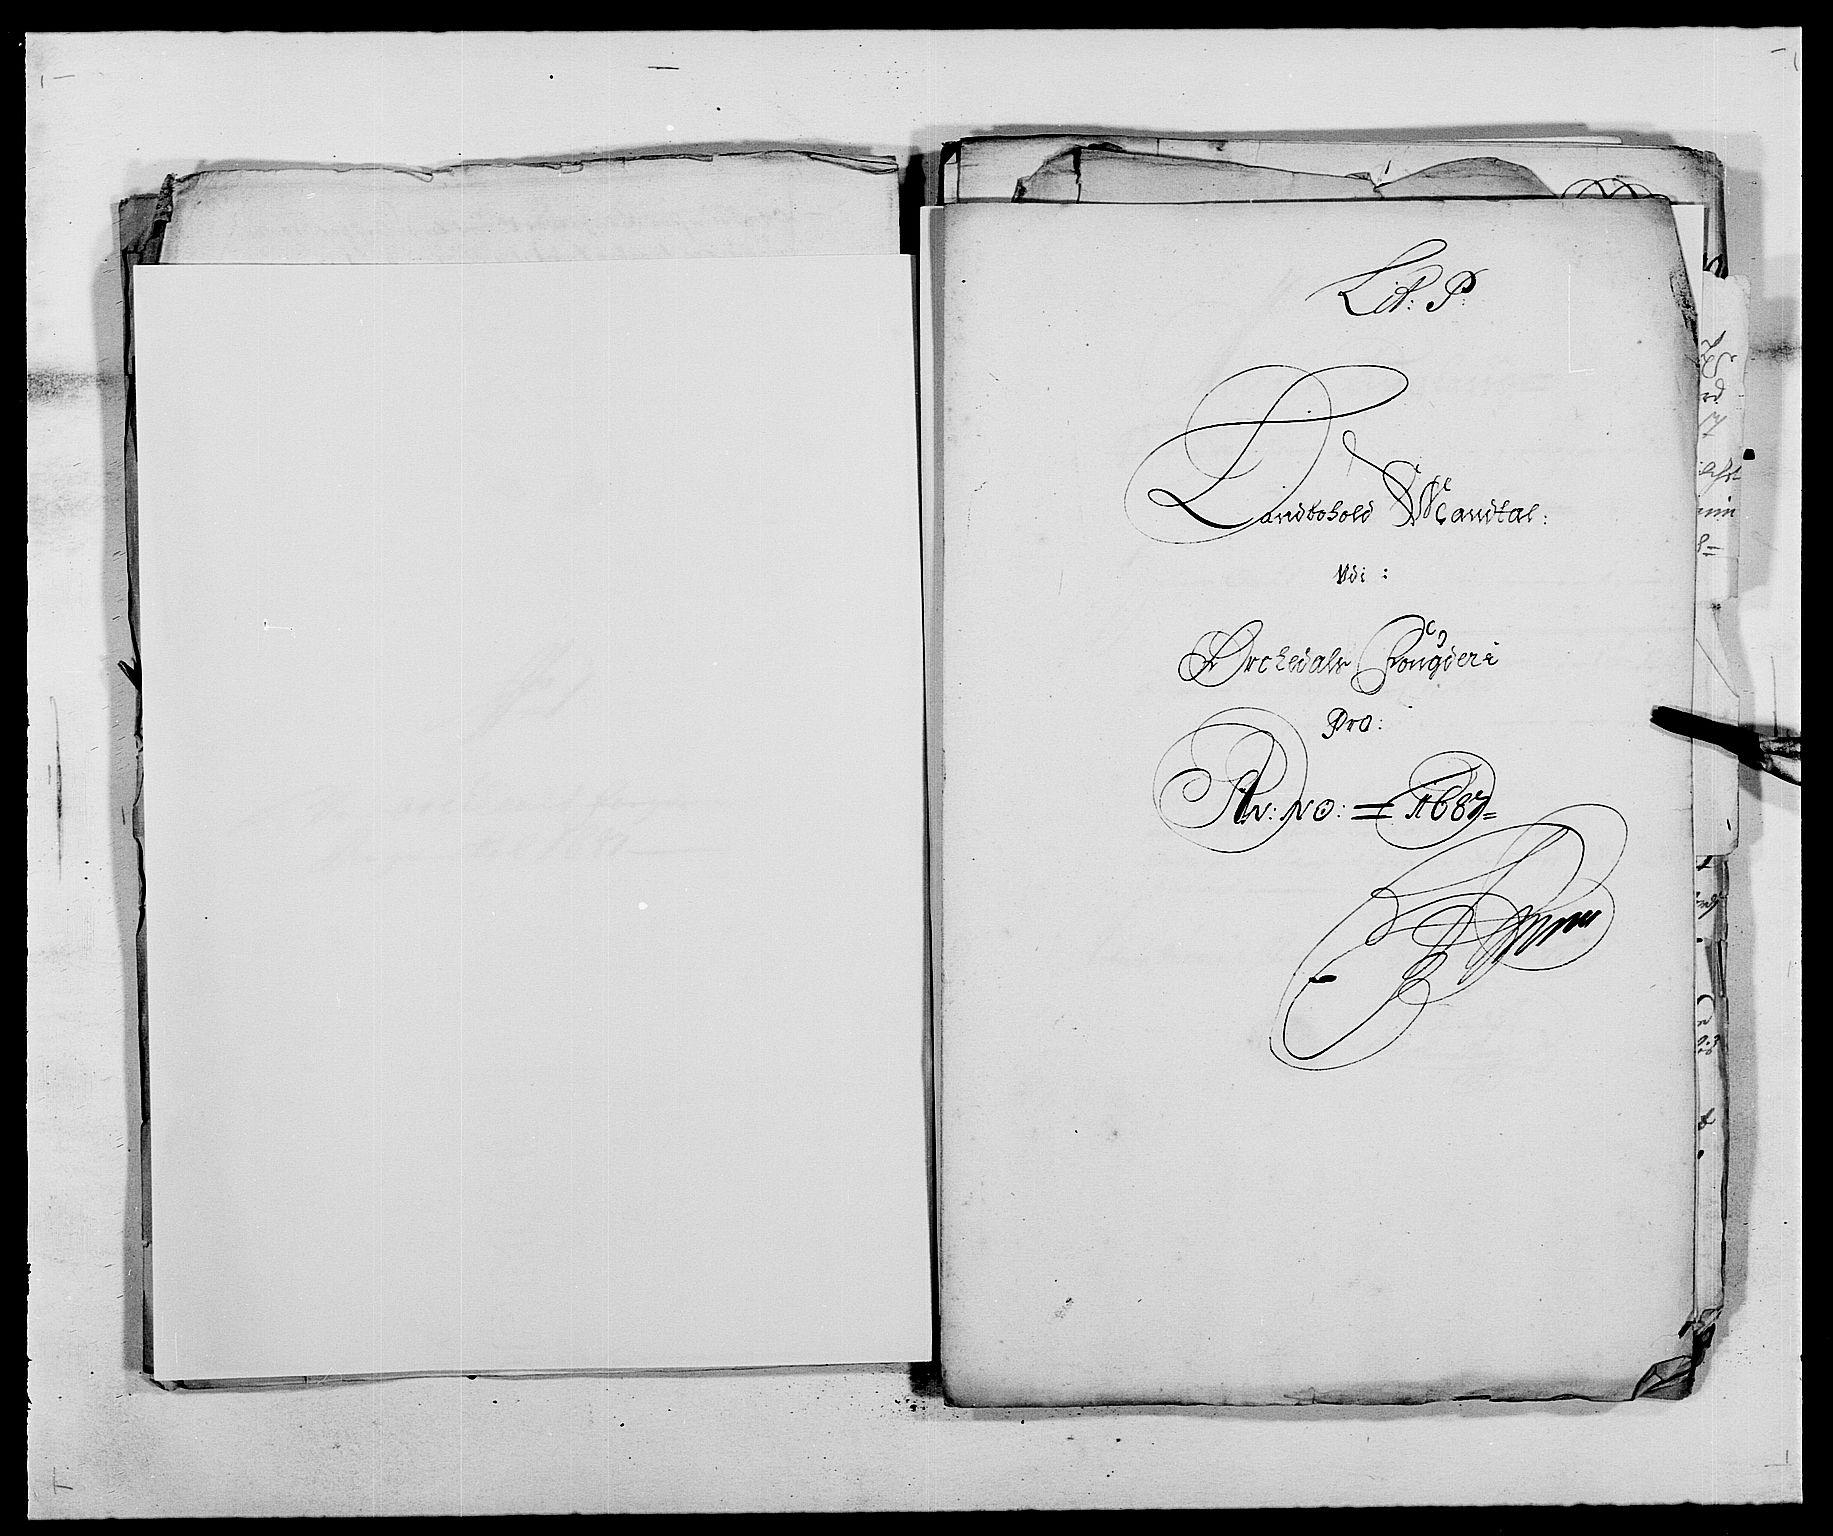 RA, Rentekammeret inntil 1814, Reviderte regnskaper, Fogderegnskap, R58/L3935: Fogderegnskap Orkdal, 1687-1688, s. 156